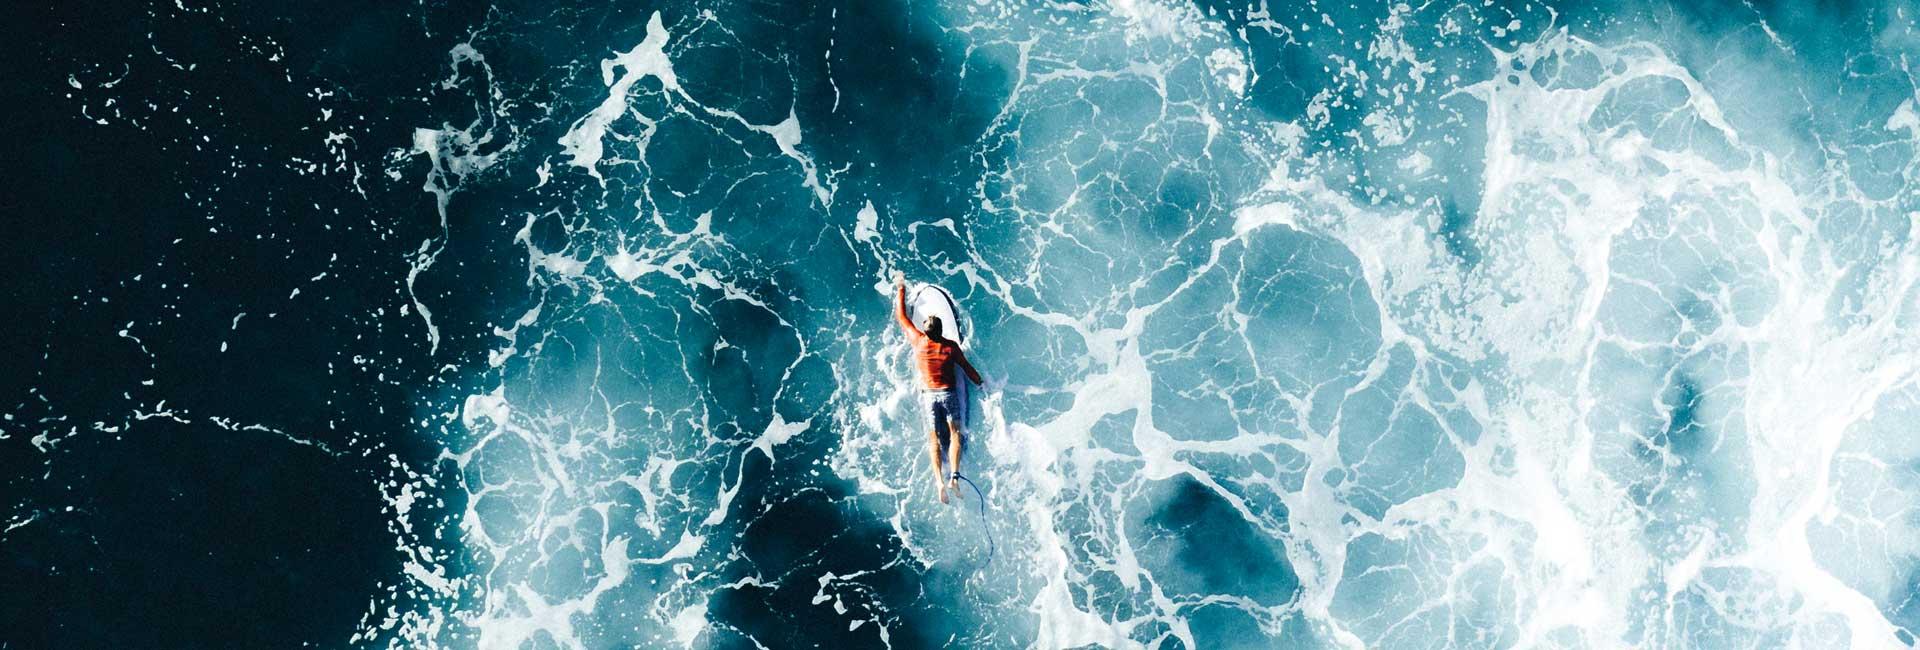 Ryan Born - Ocean